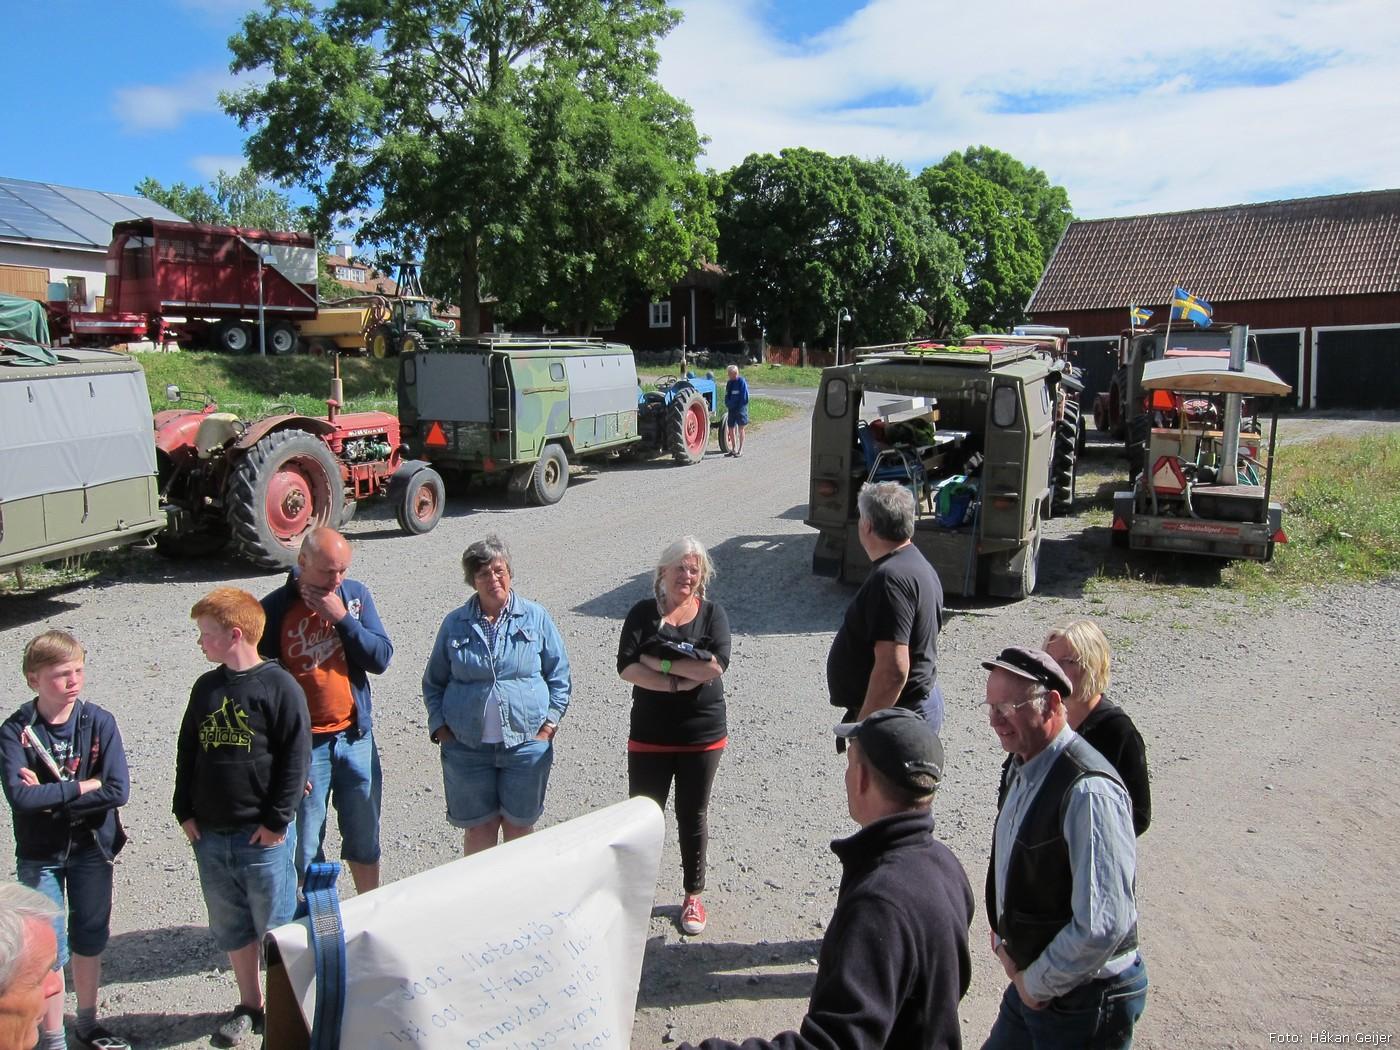 2013-07-20_011_Traktorresa